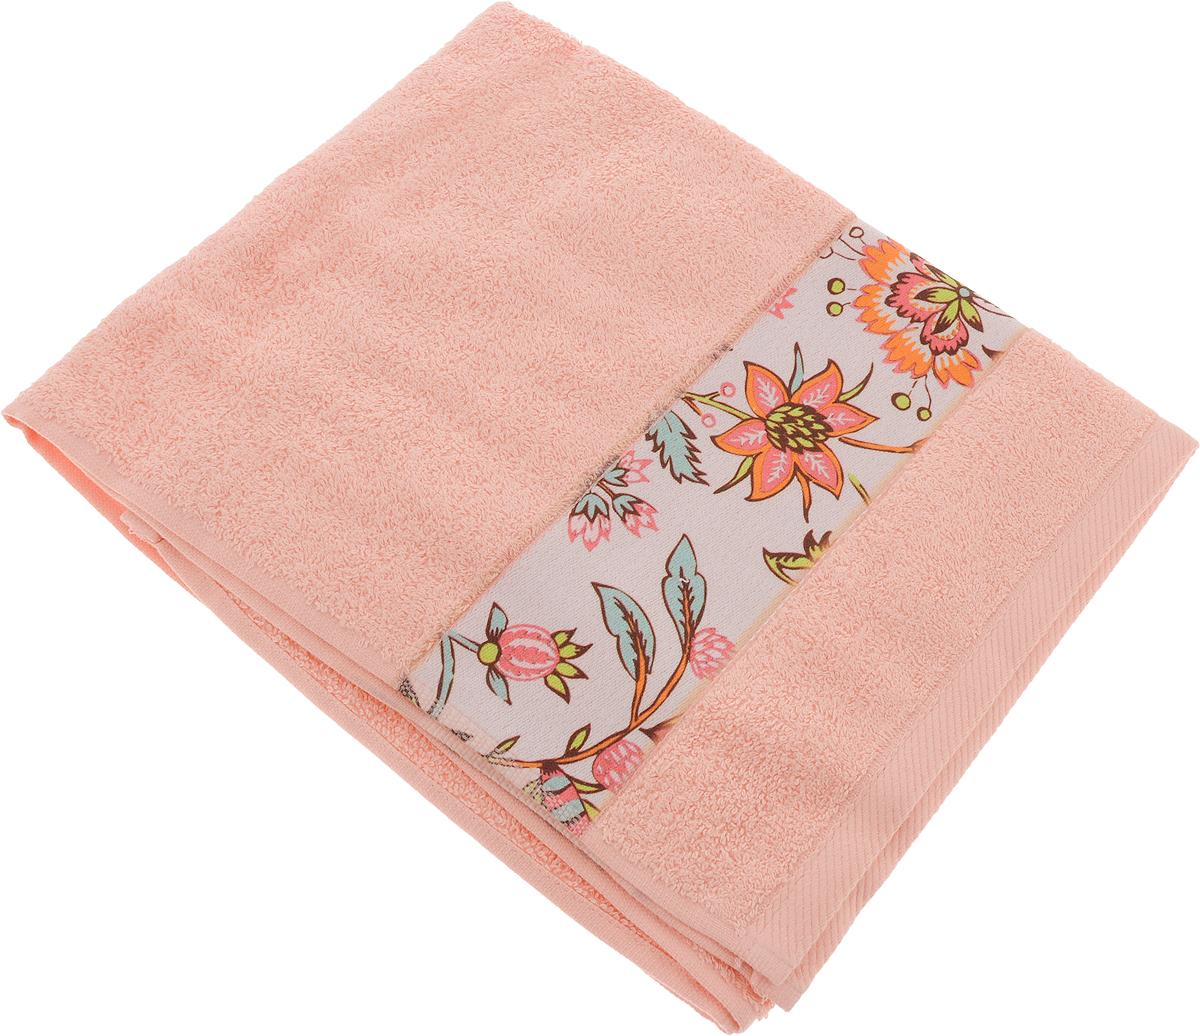 Полотенце банное Aquarelle Фотобордюр. Цветы 2, цвет: розово-персиковый, 50 х 90 см bon appetit кухонное полотенце aquarelle 38х63 см